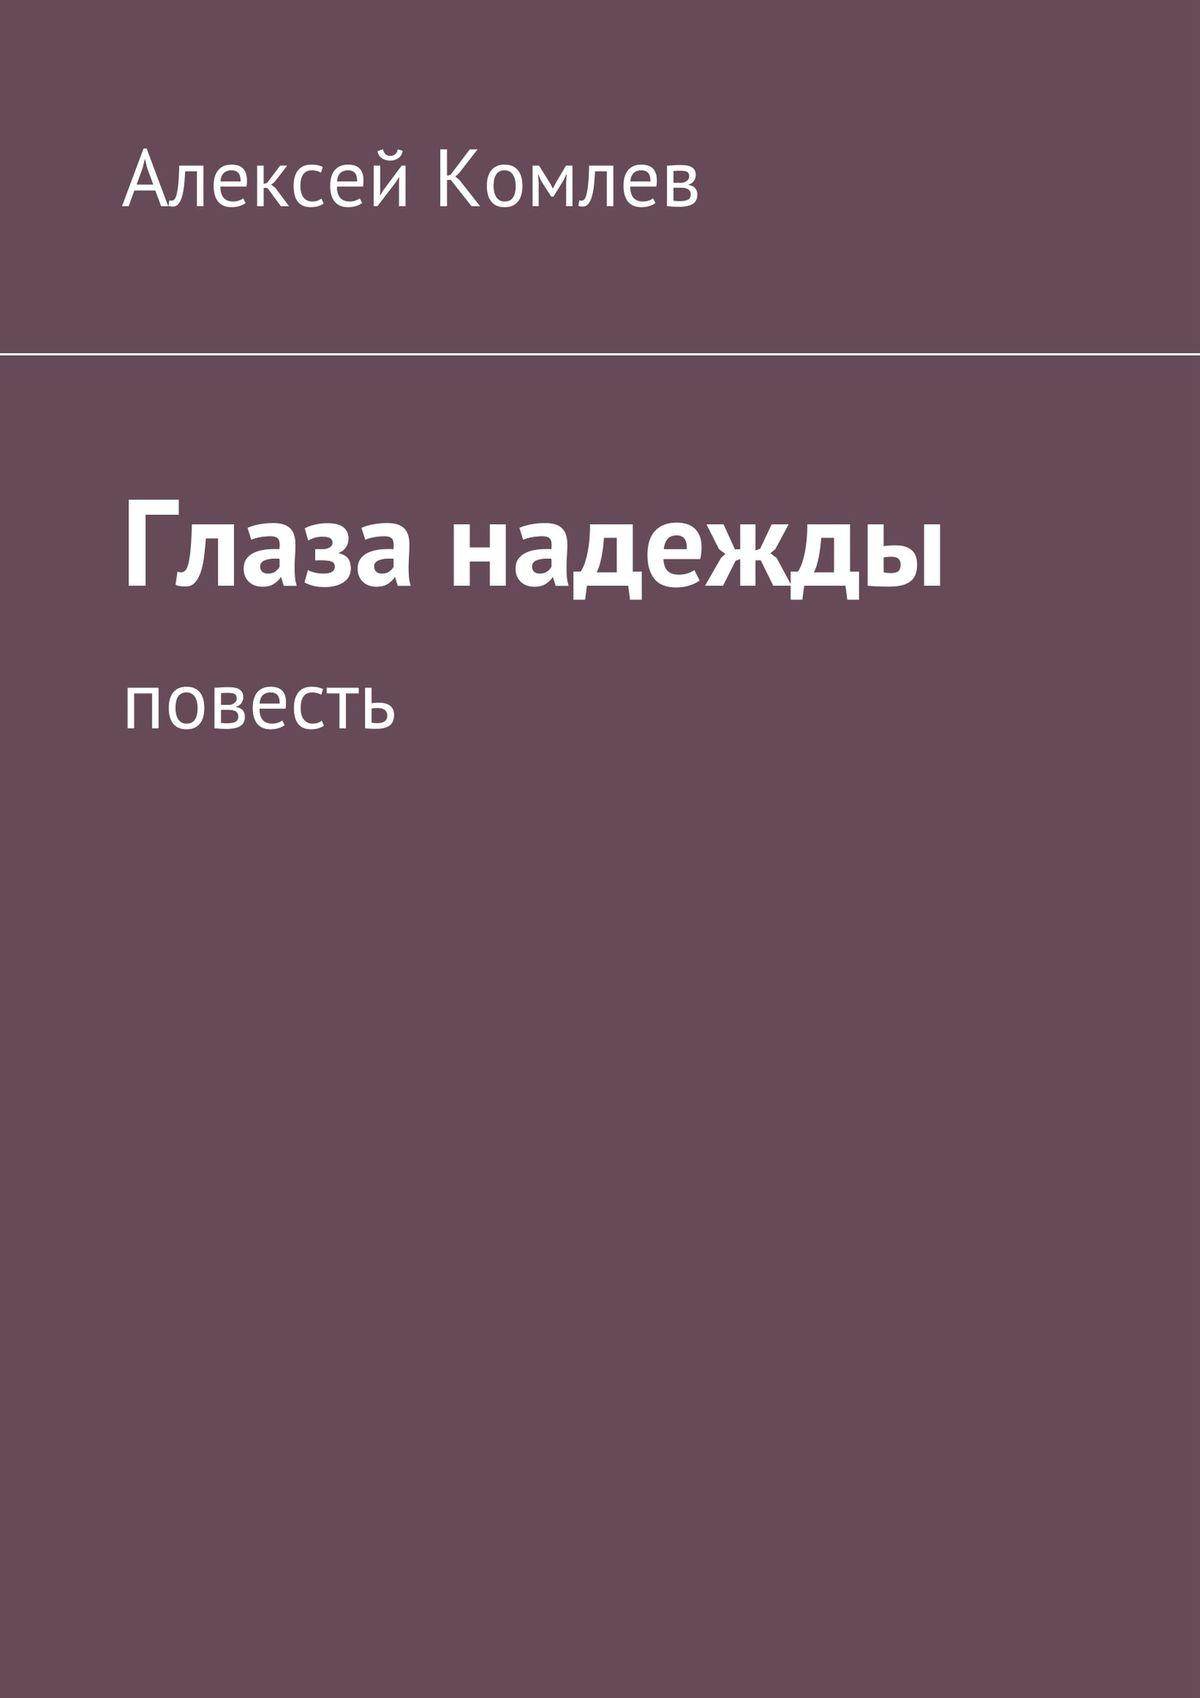 Алексей Комлев Глаза надежды